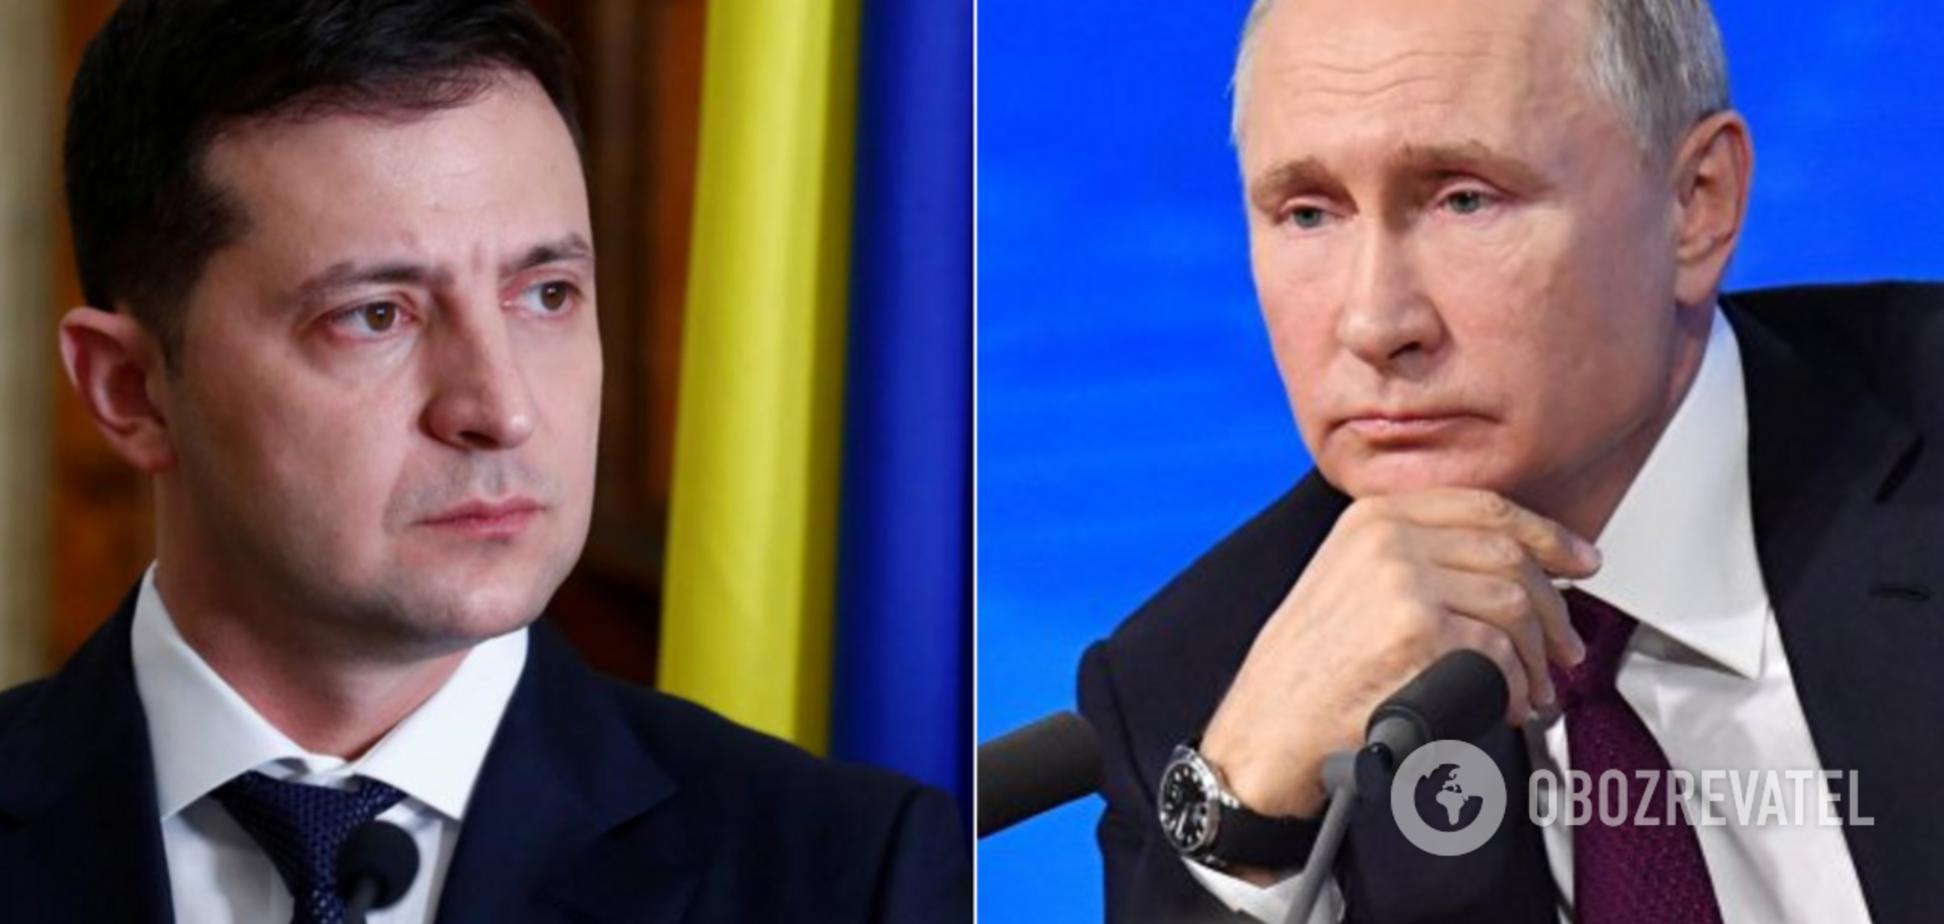 Уступил Зеленскому? Всплыла неожиданная причина 'рокировки' Путина на Донбассе